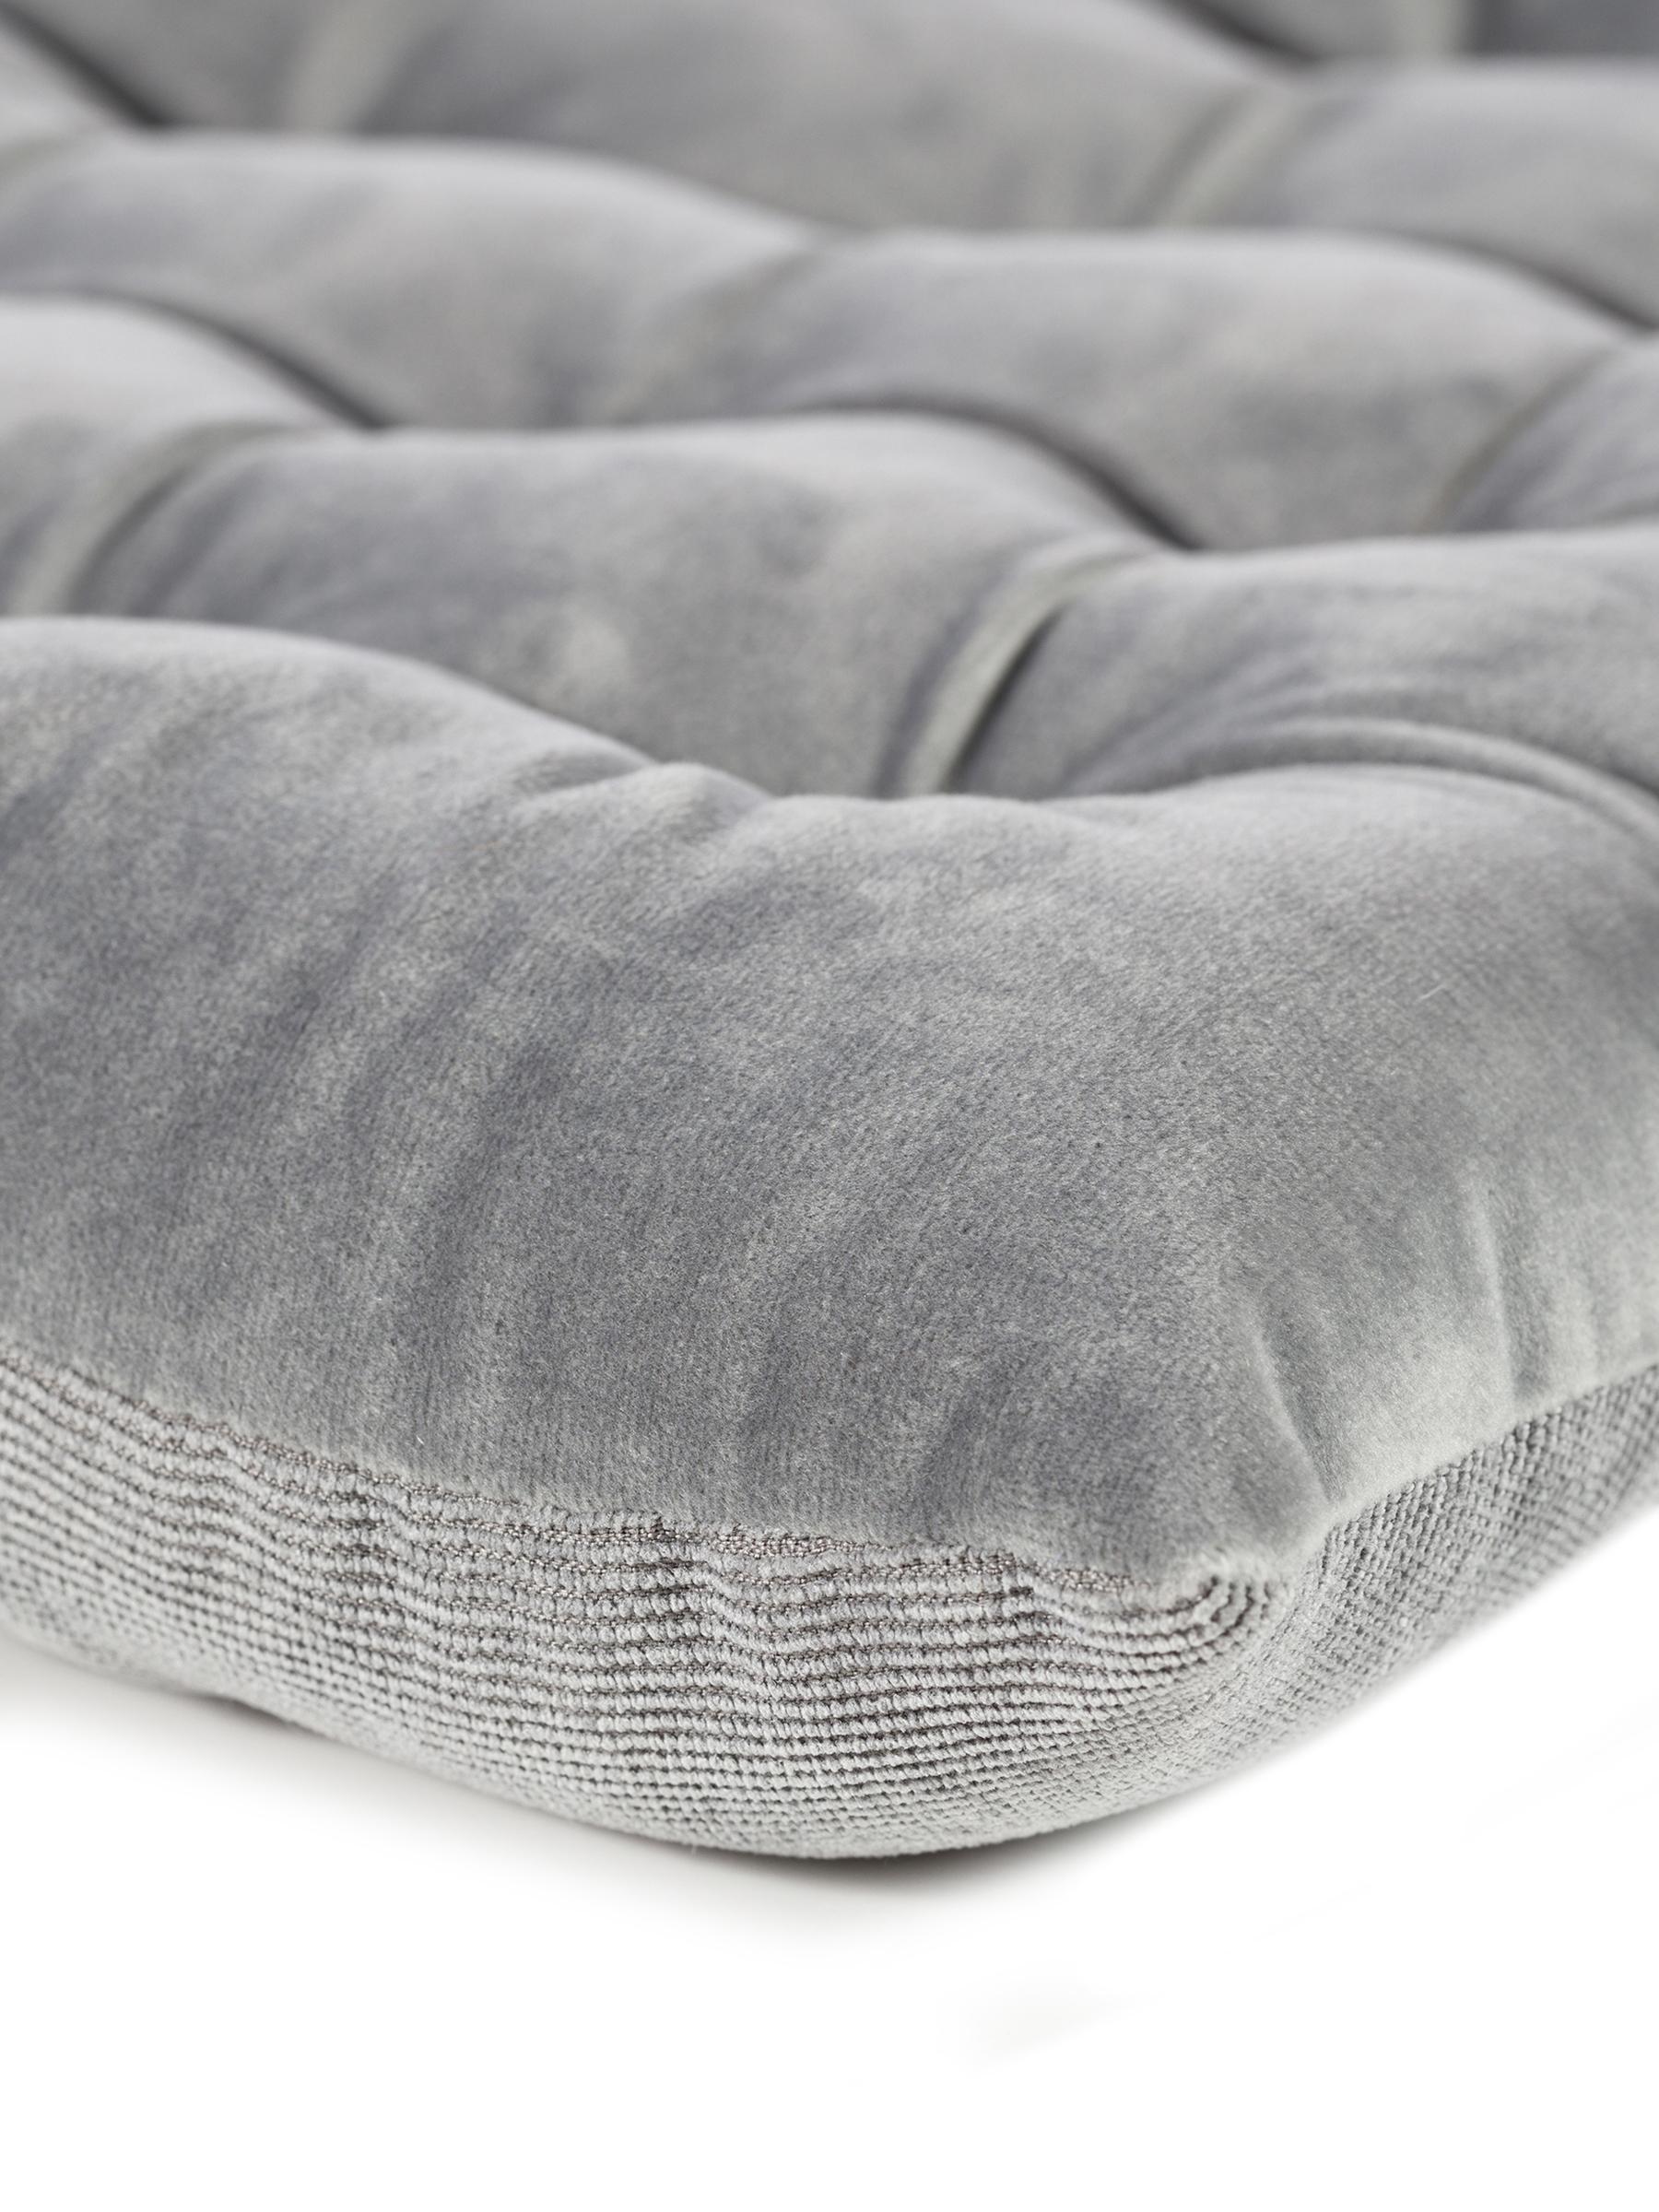 Wendesitzkissen Milana, Samt/Cord, Vorderseite: Polyestersamt, Rückseite: Cord (90% Polyester, 7% N, Grau, 40 x 40 cm